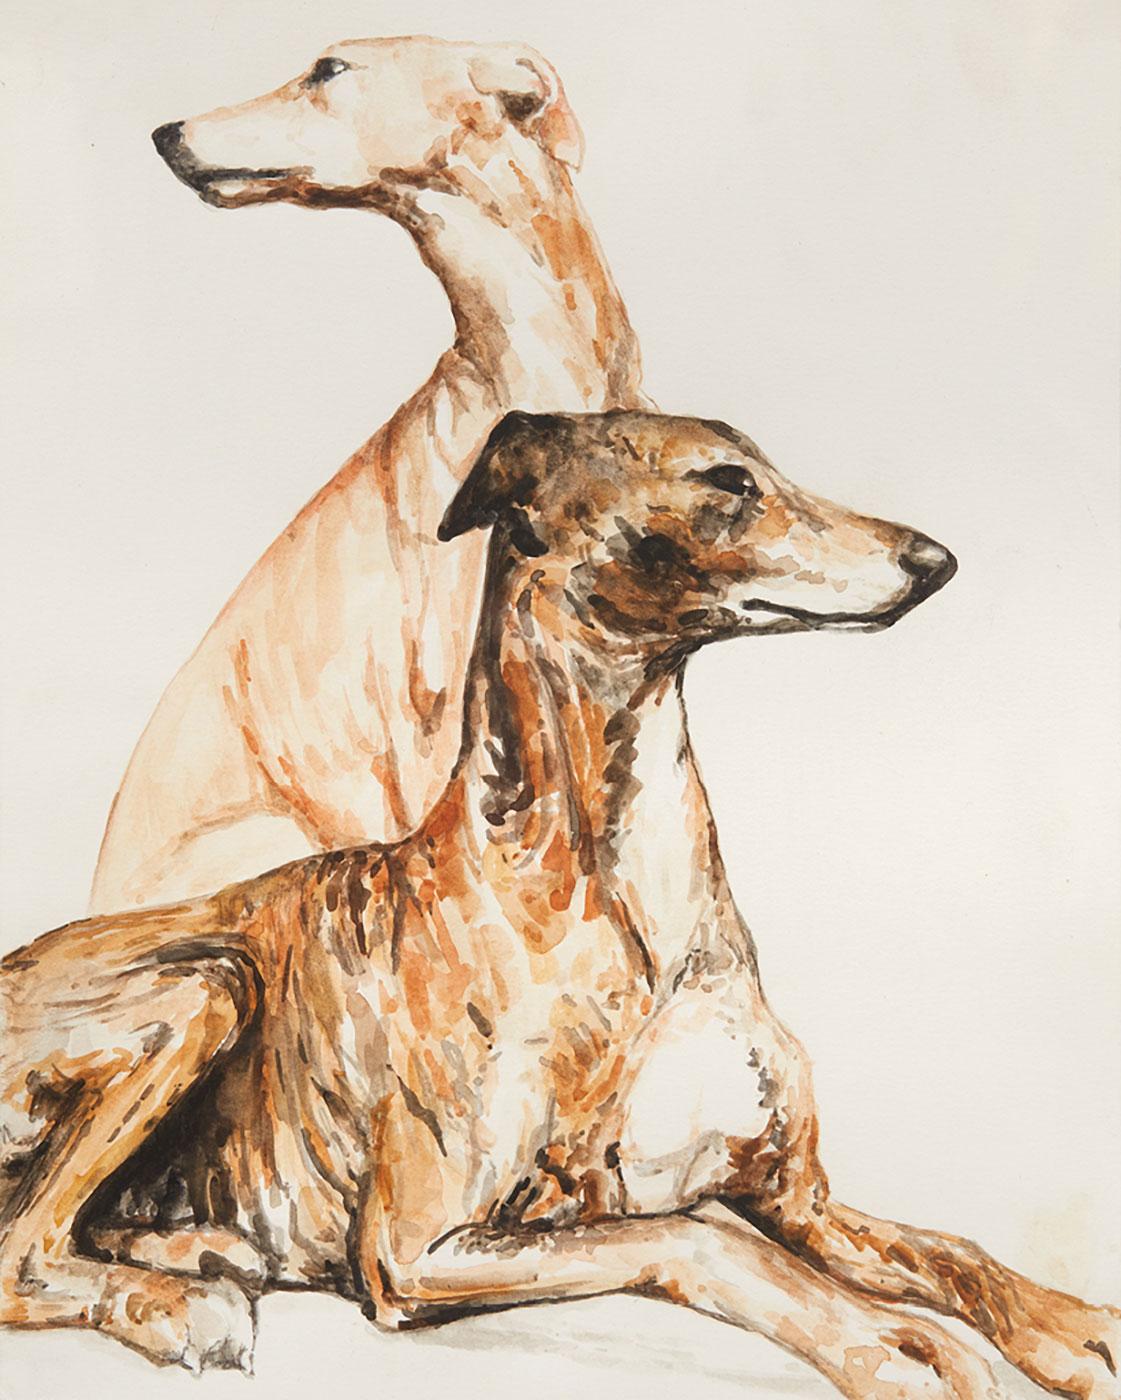 Rowan A. McCulloch   - Spanish Greyhounds